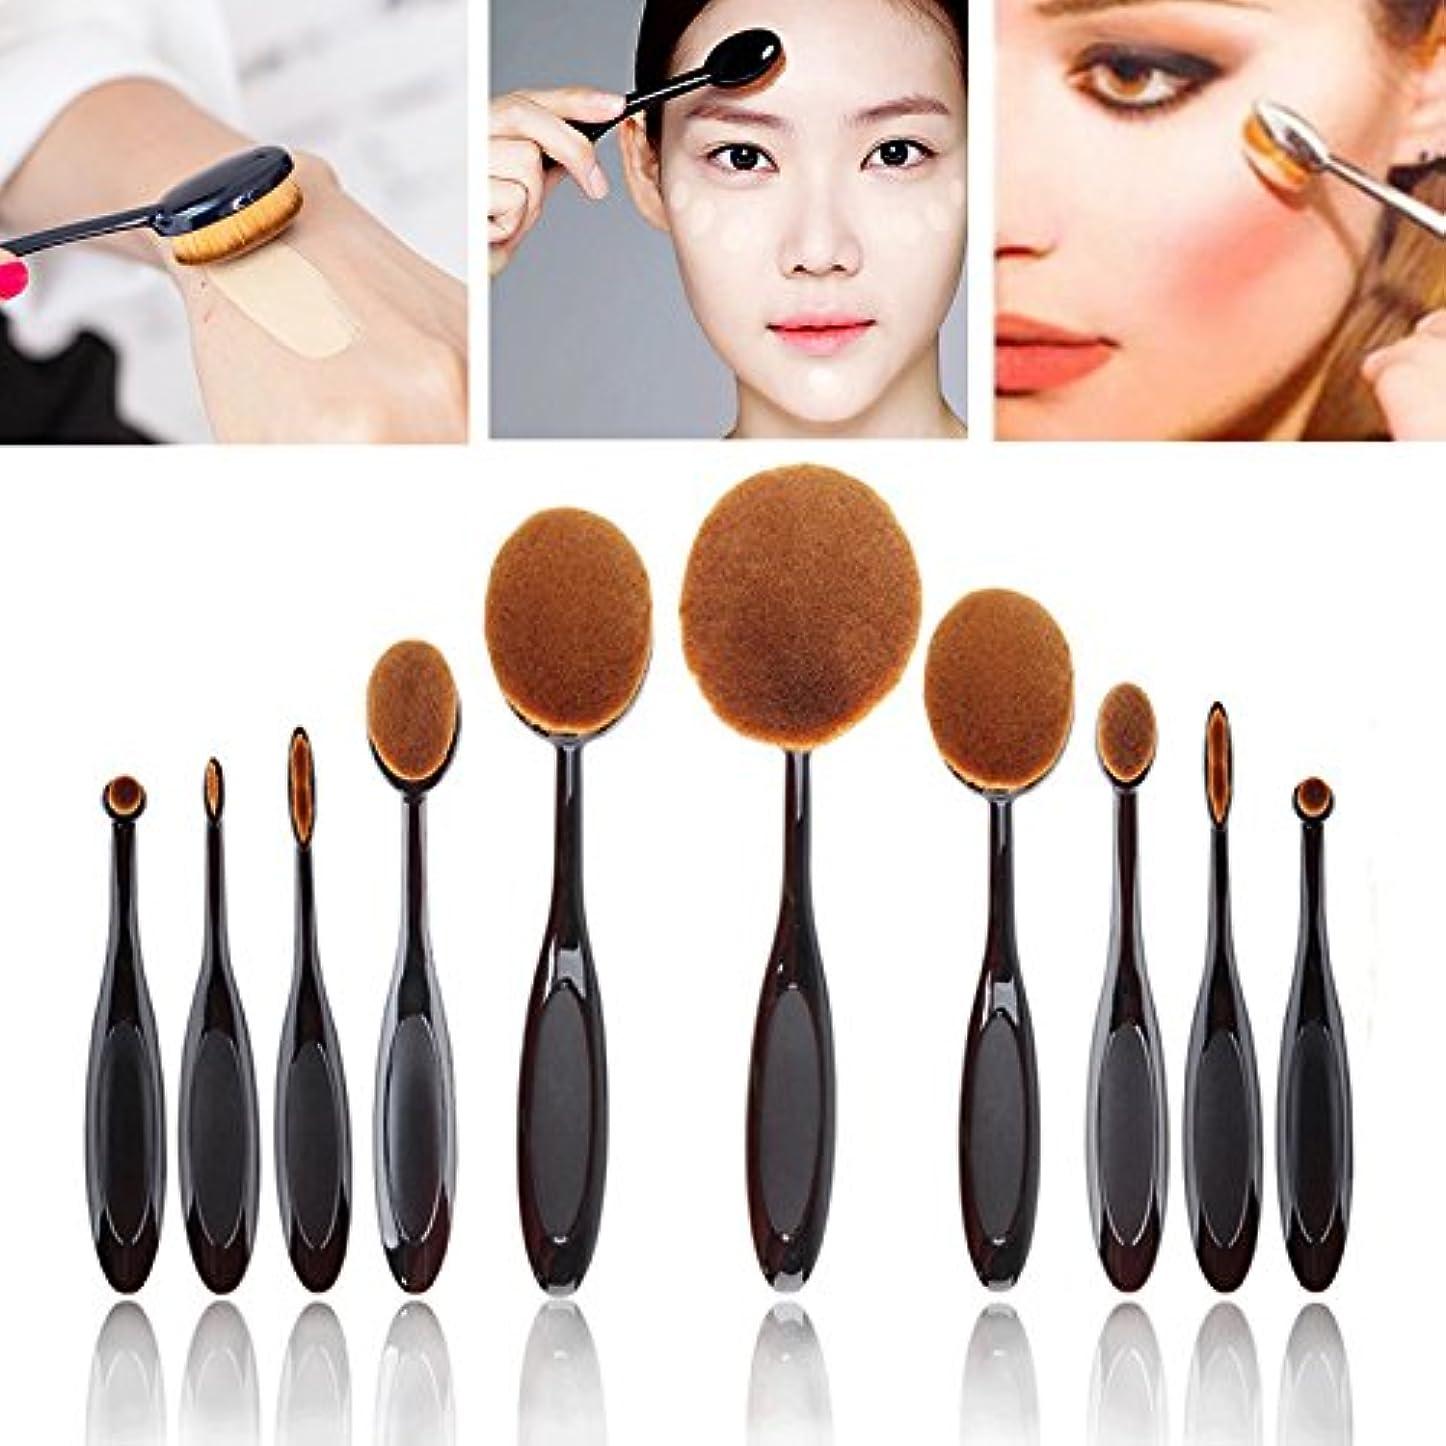 親指前兆おびえたNeverlnad Beauty 歯ブラシ型 ファンデーションブラシ 化粧ブラシ メイクブラシ 10本セット